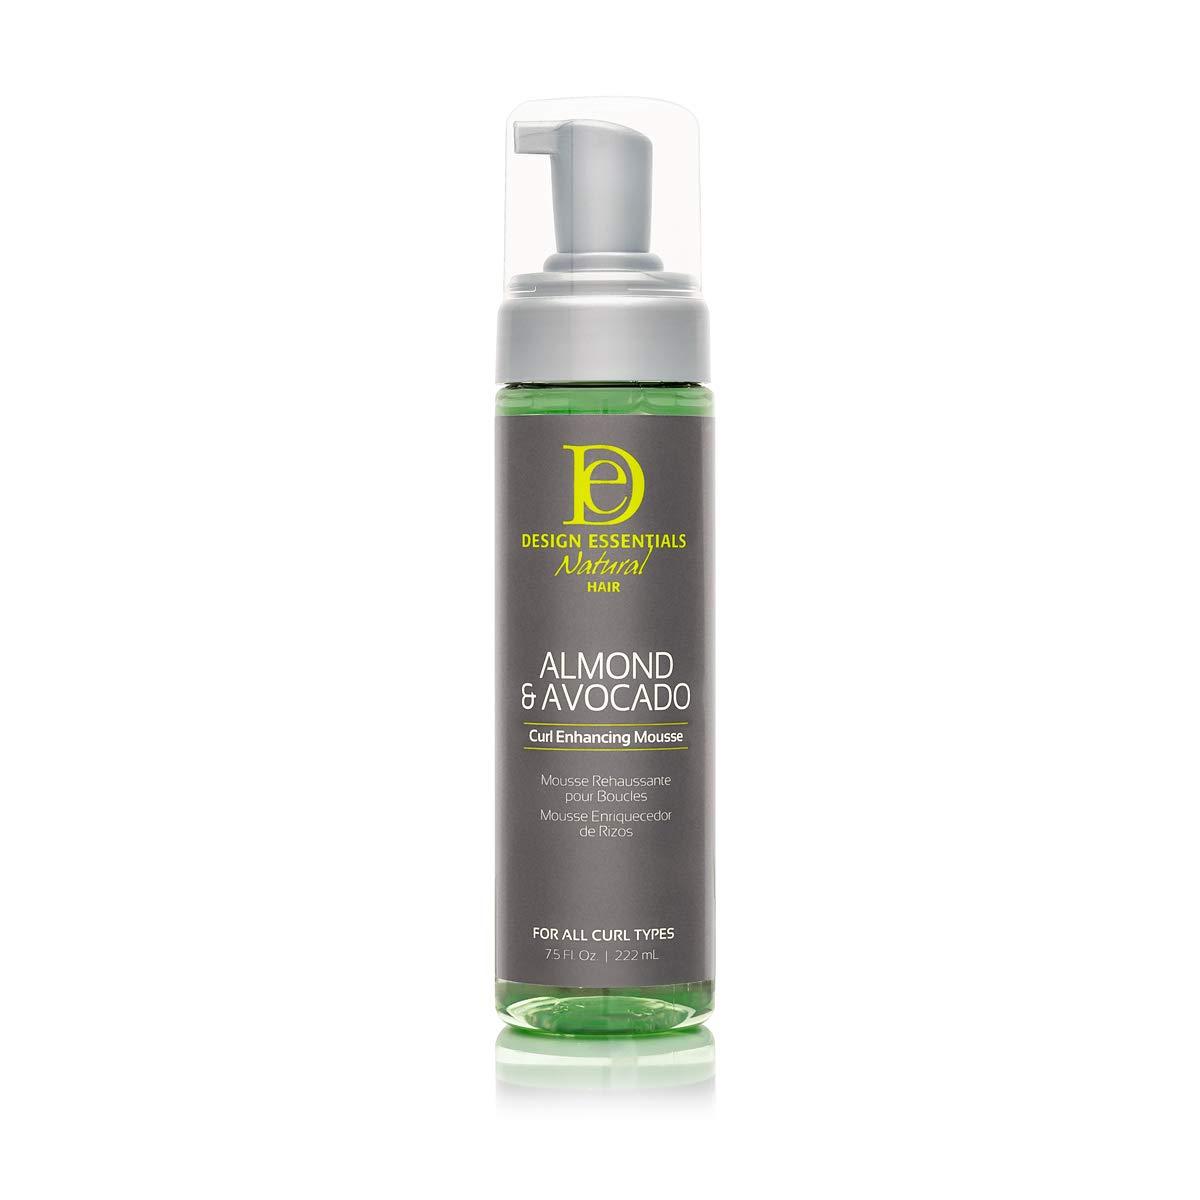 Design Essentials Mousse Best Setting Cream For Hair